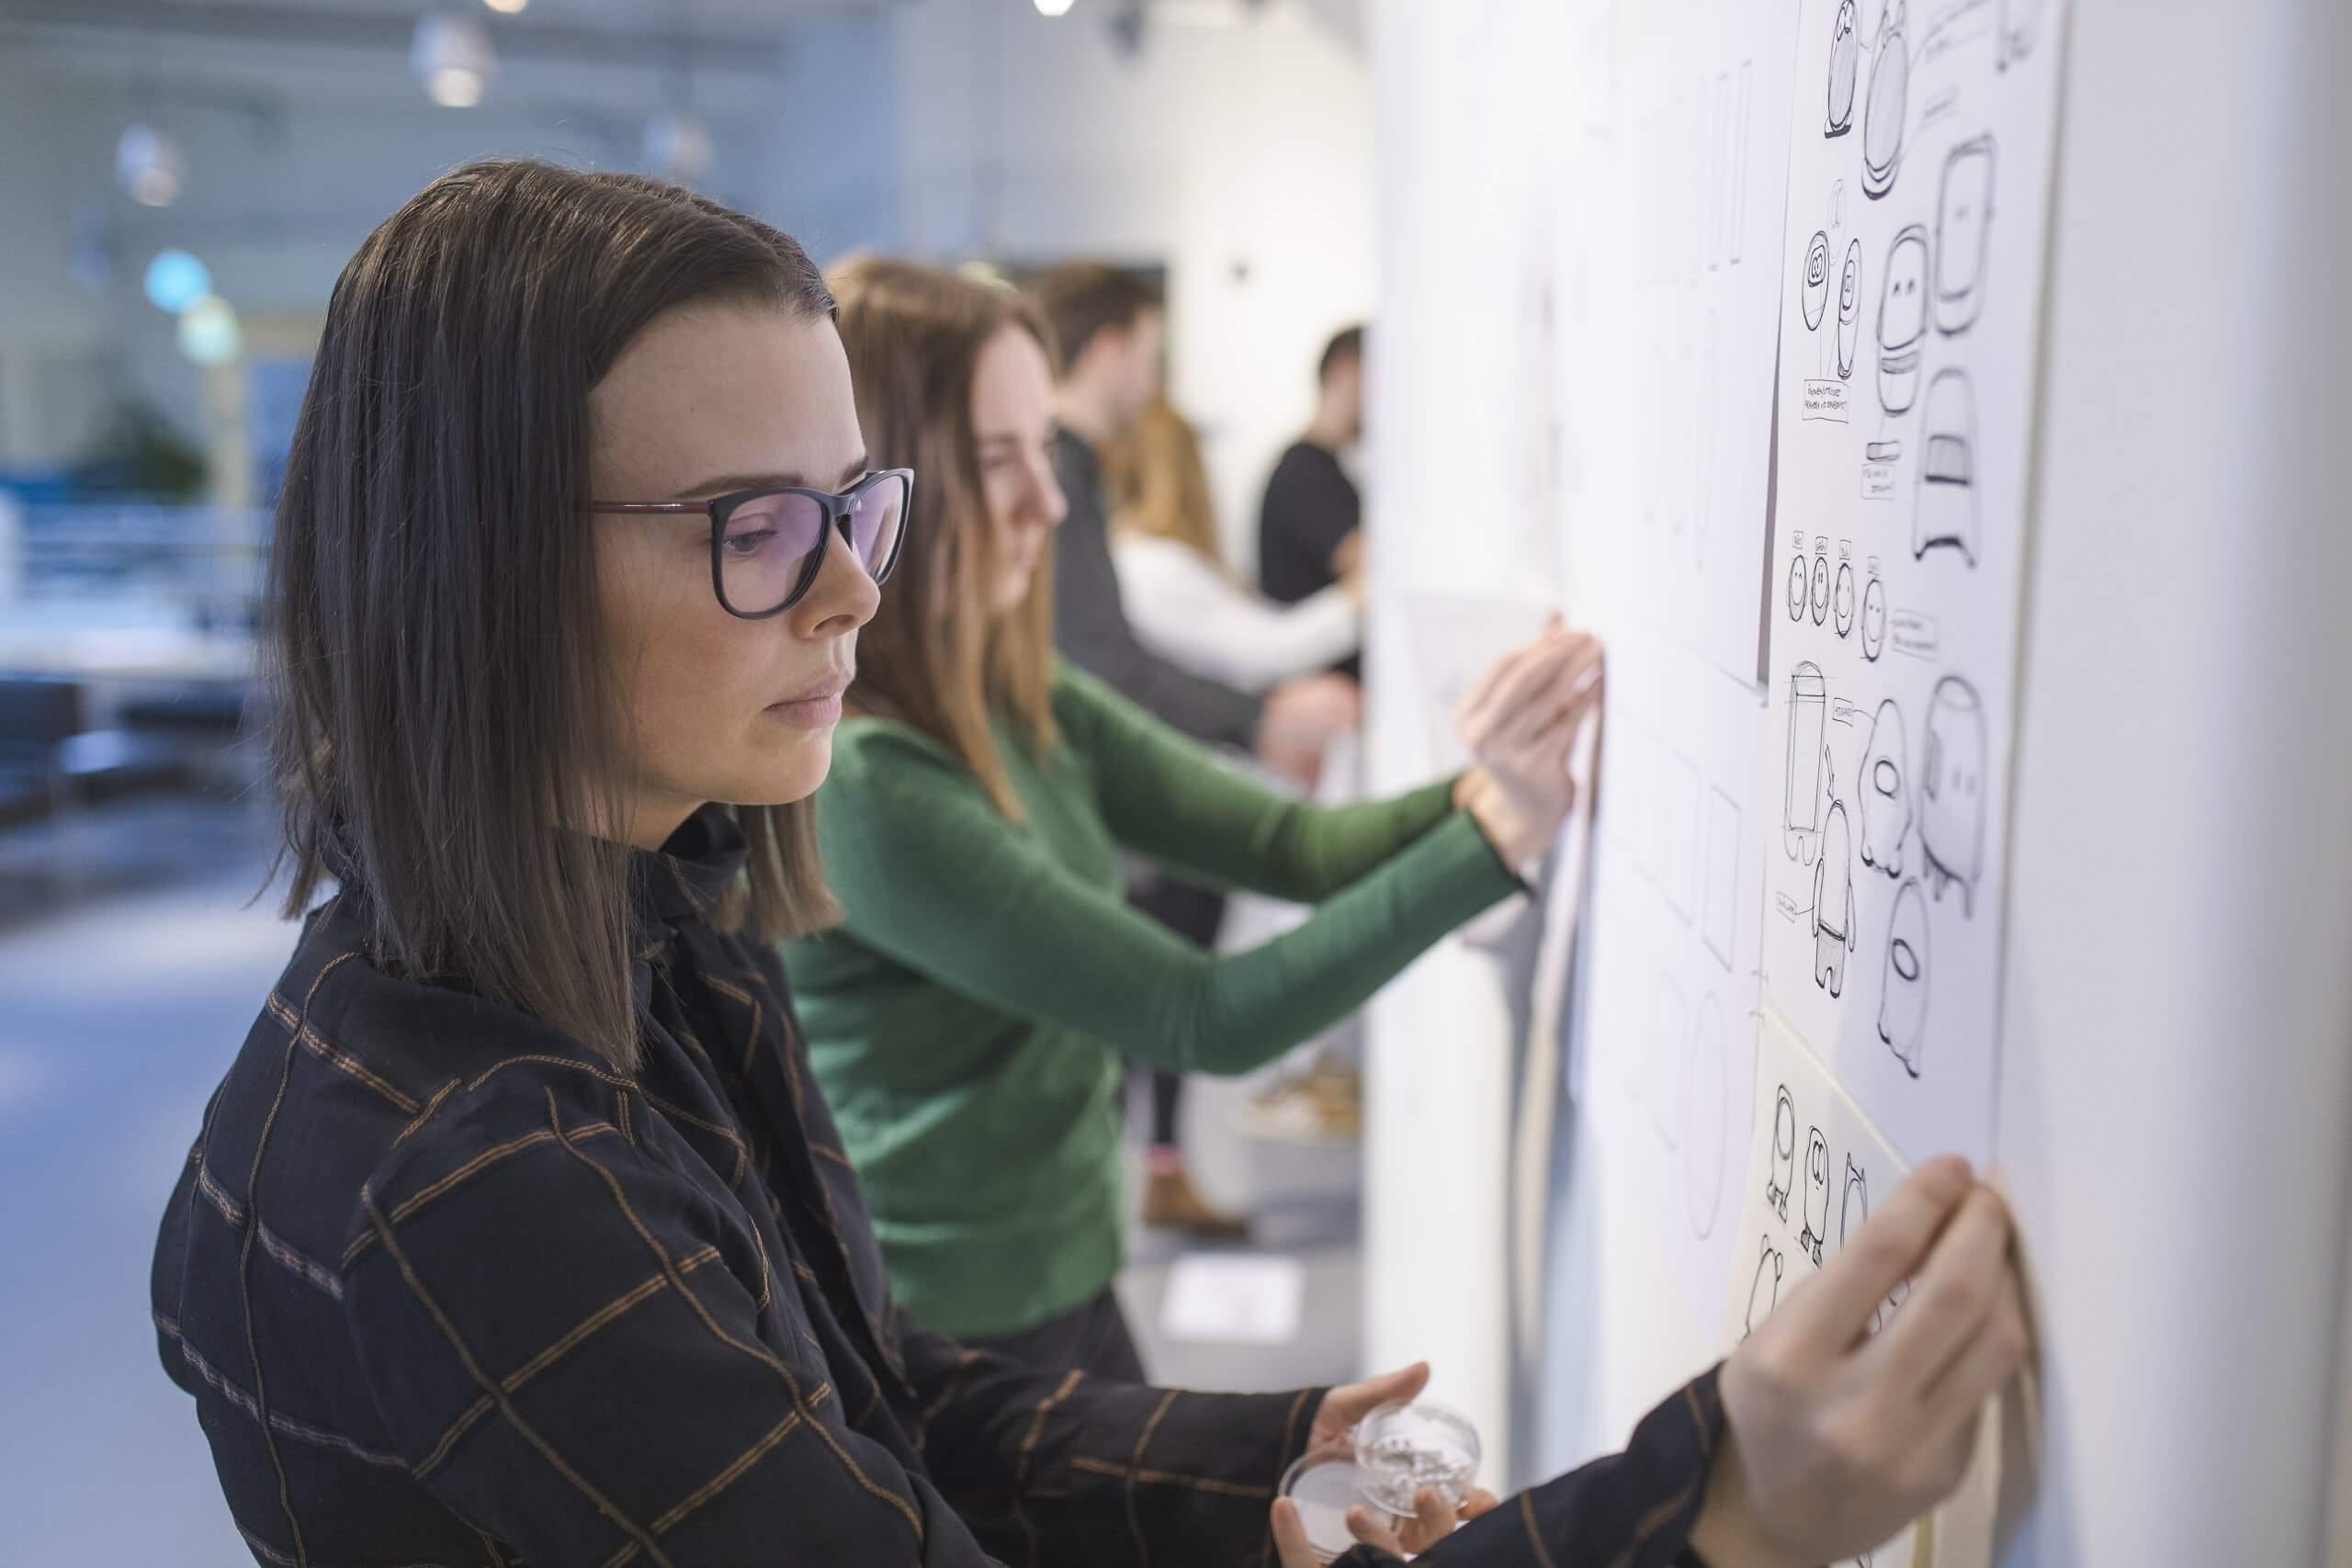 Umeå University, Institute of Design